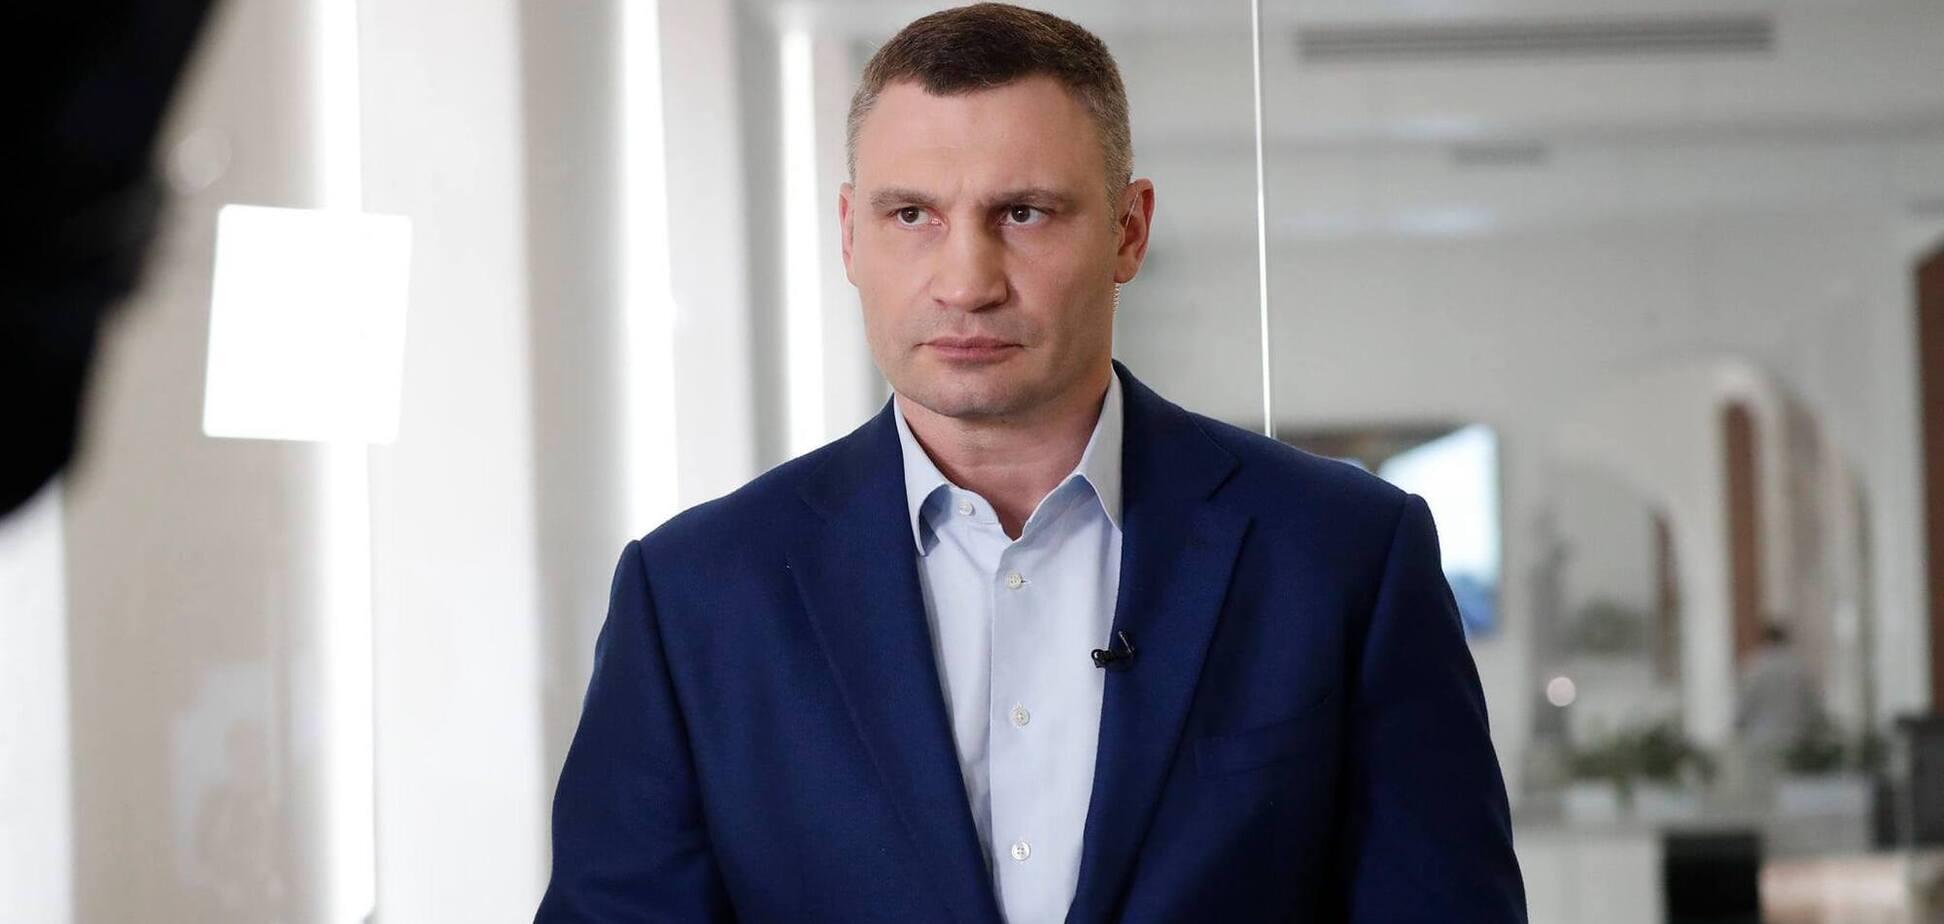 Кличко принял присягу мэра и предложил создать 'большую коалицию' вКиевсовете